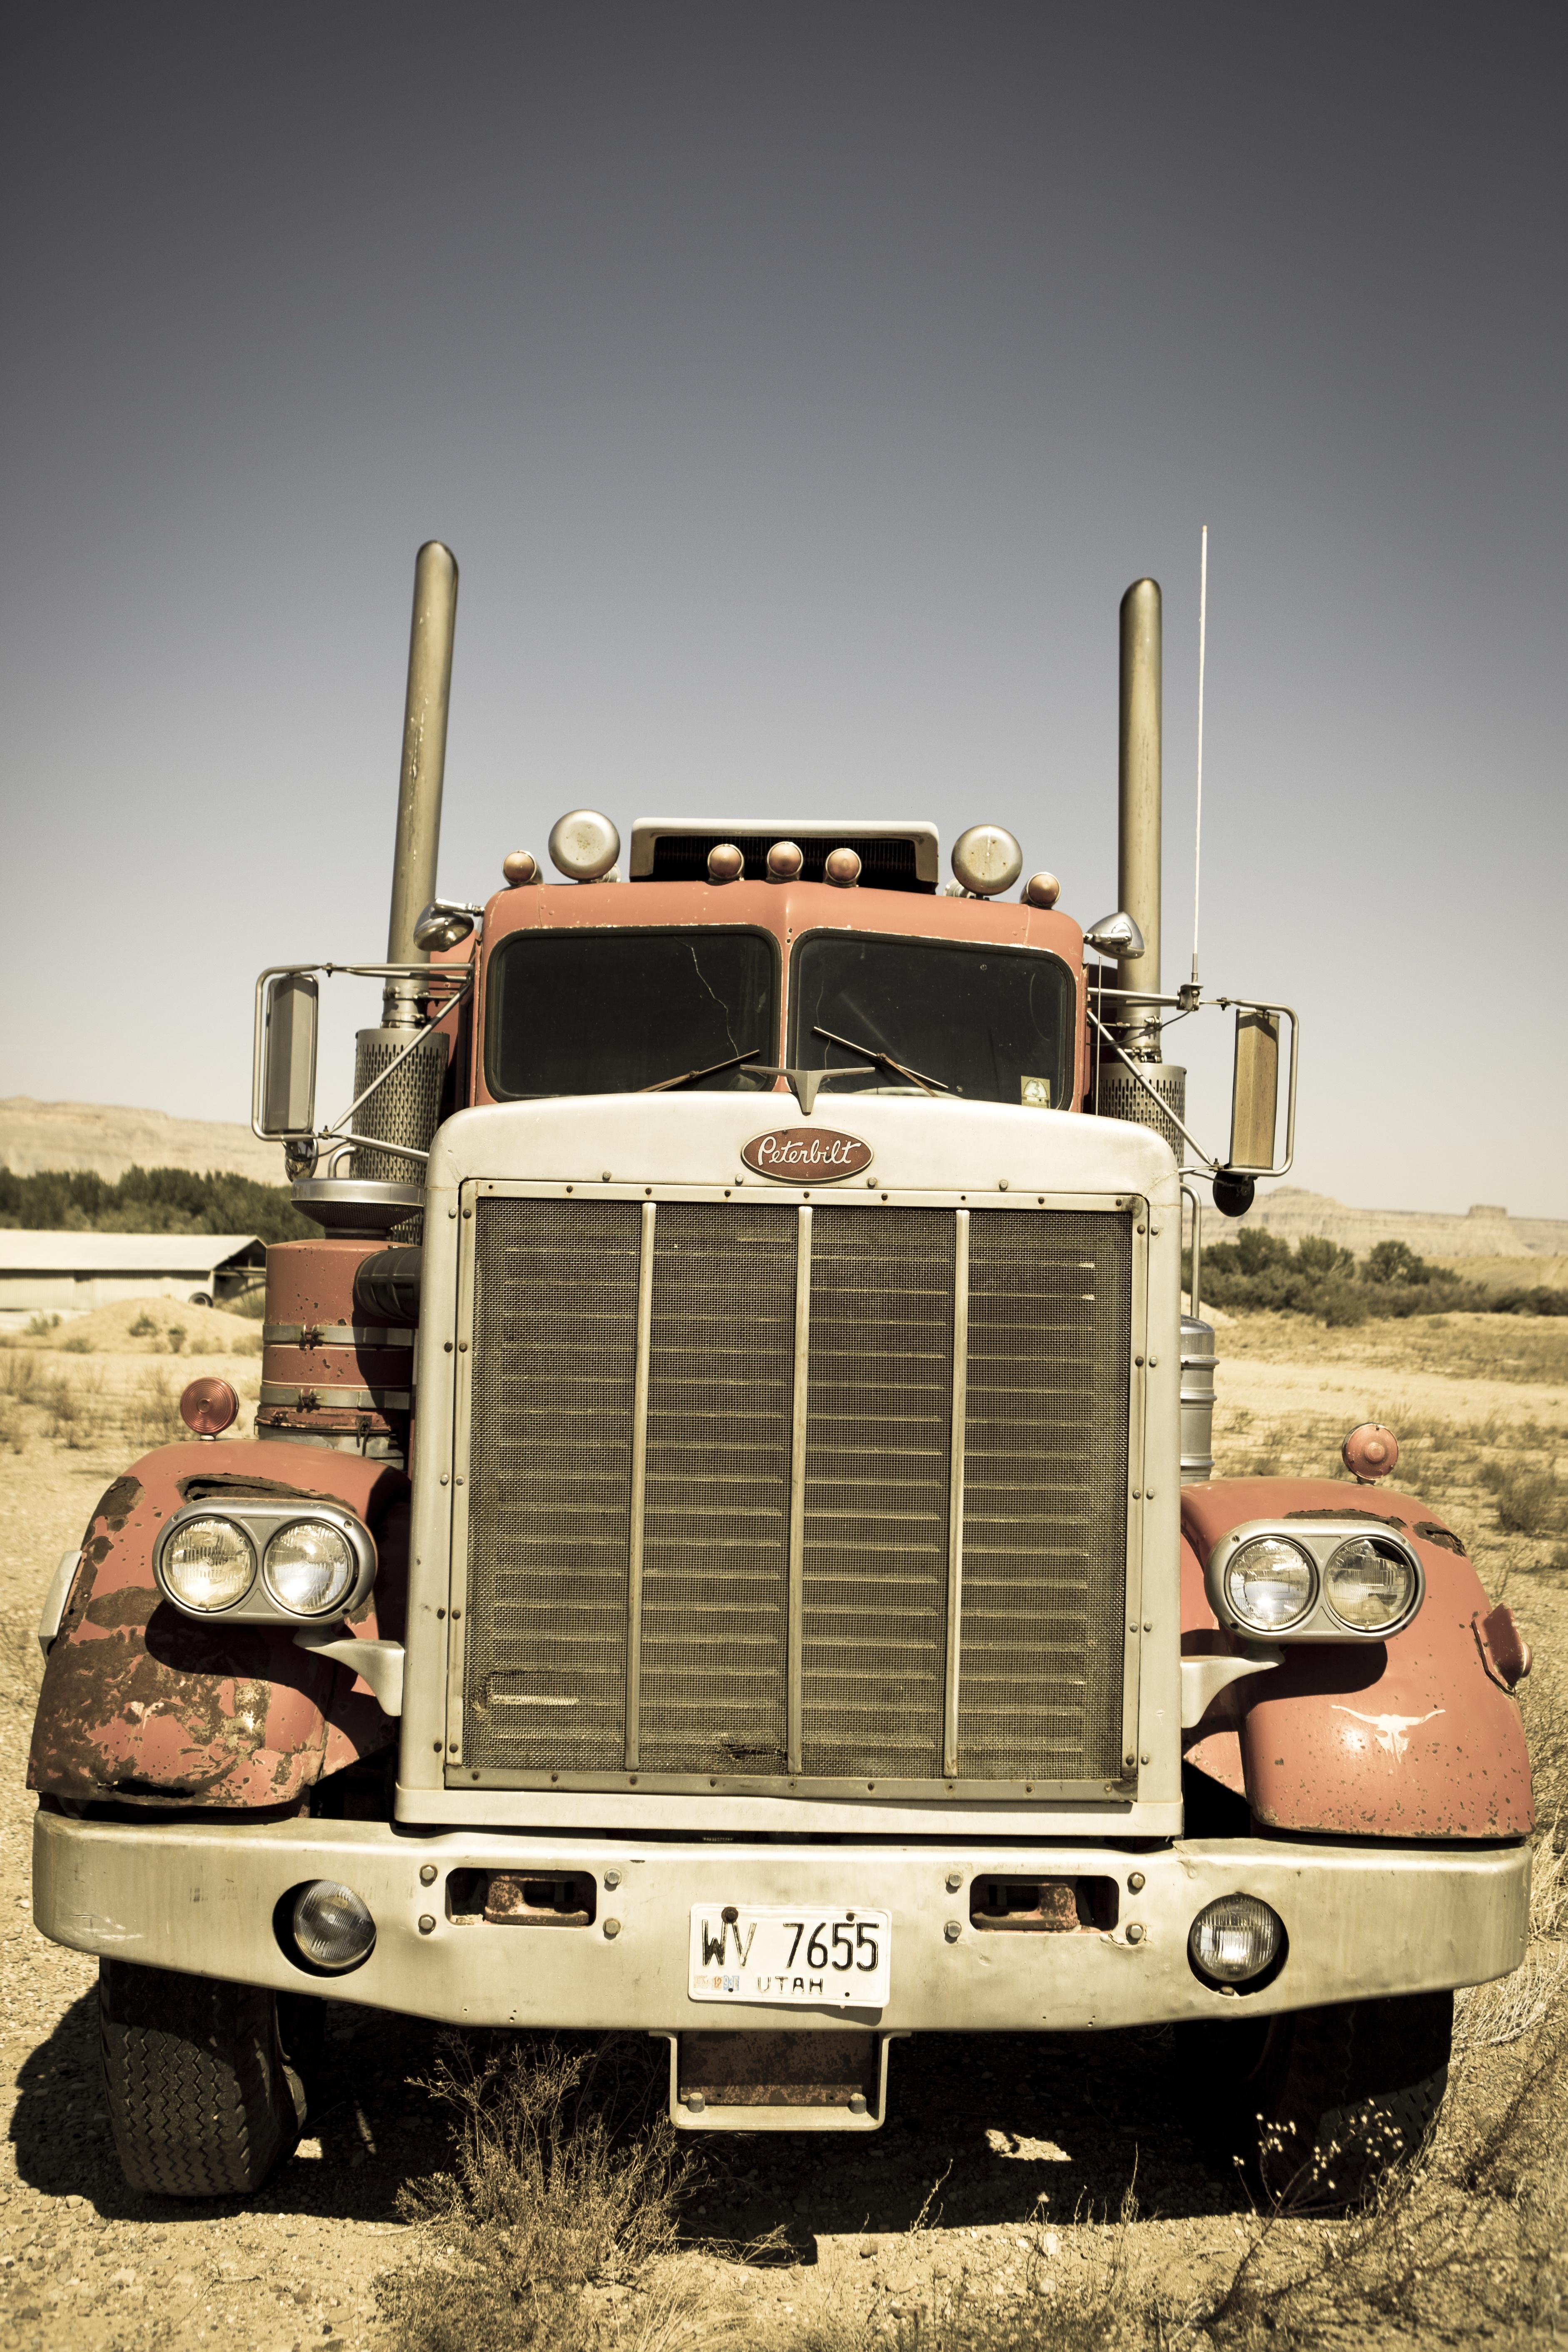 pre-model year 2000 truck